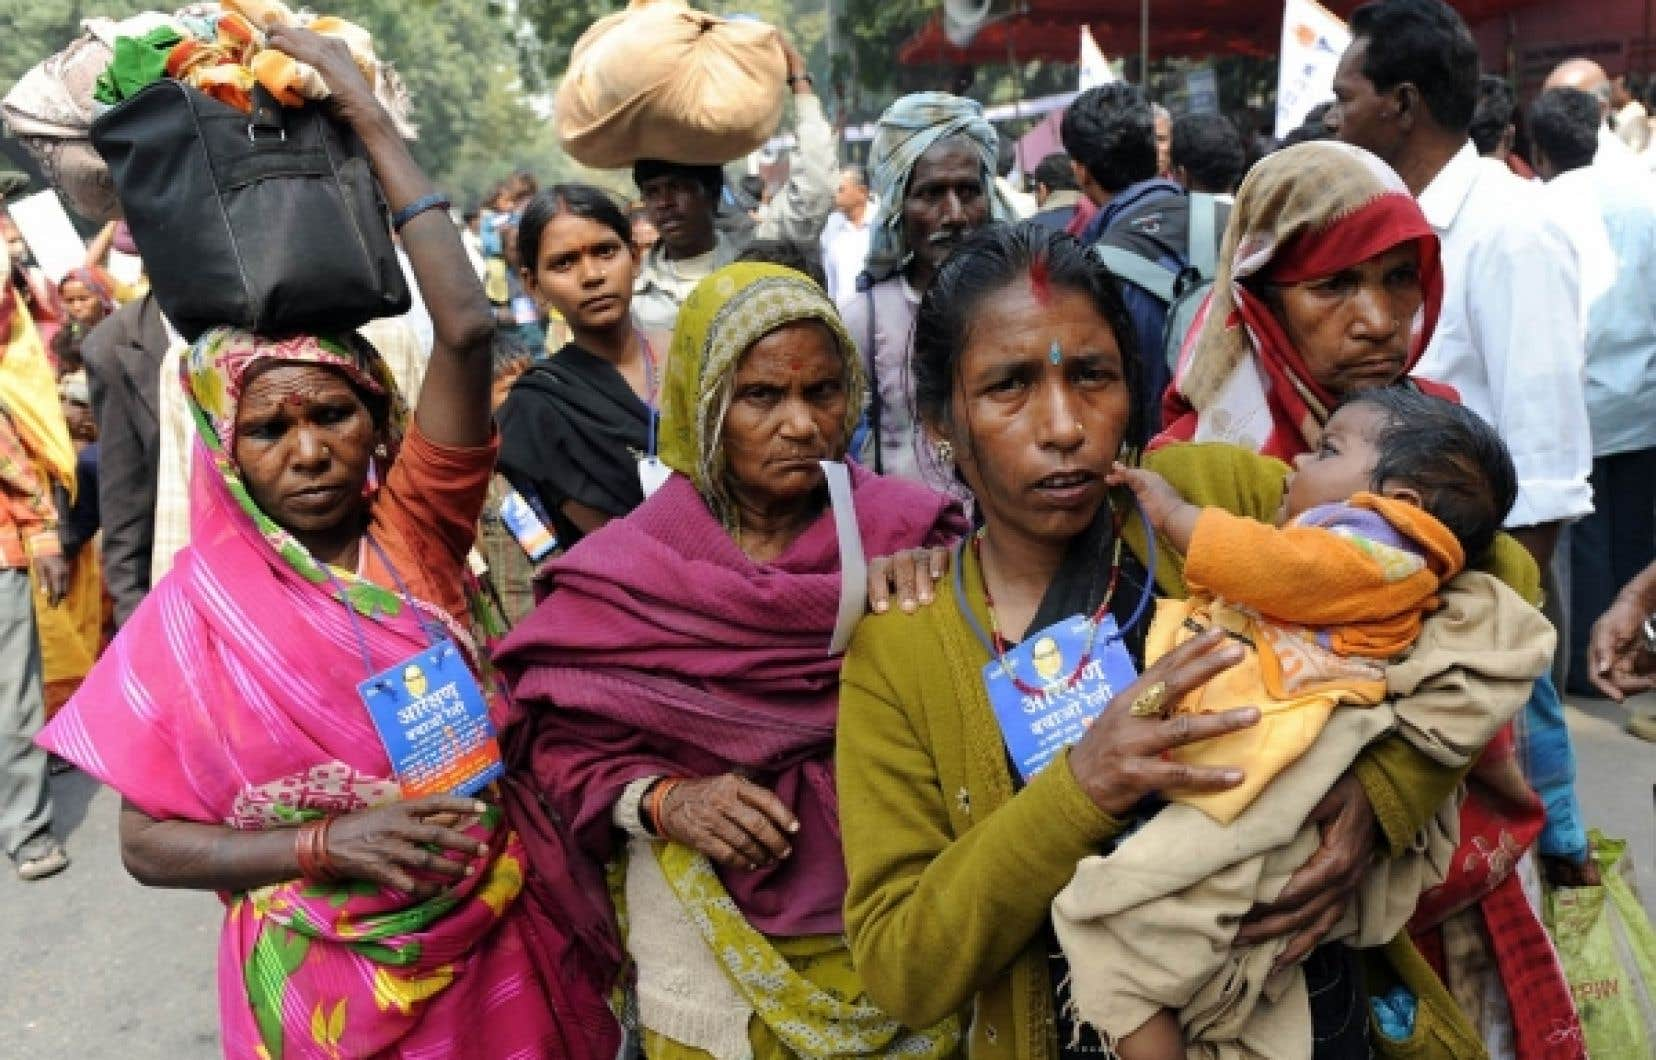 Marche de protestation de dalits (intouchables) à New Delhi en 2009. Le système de castes survit bien dans l'Inde de l'ère technologique.